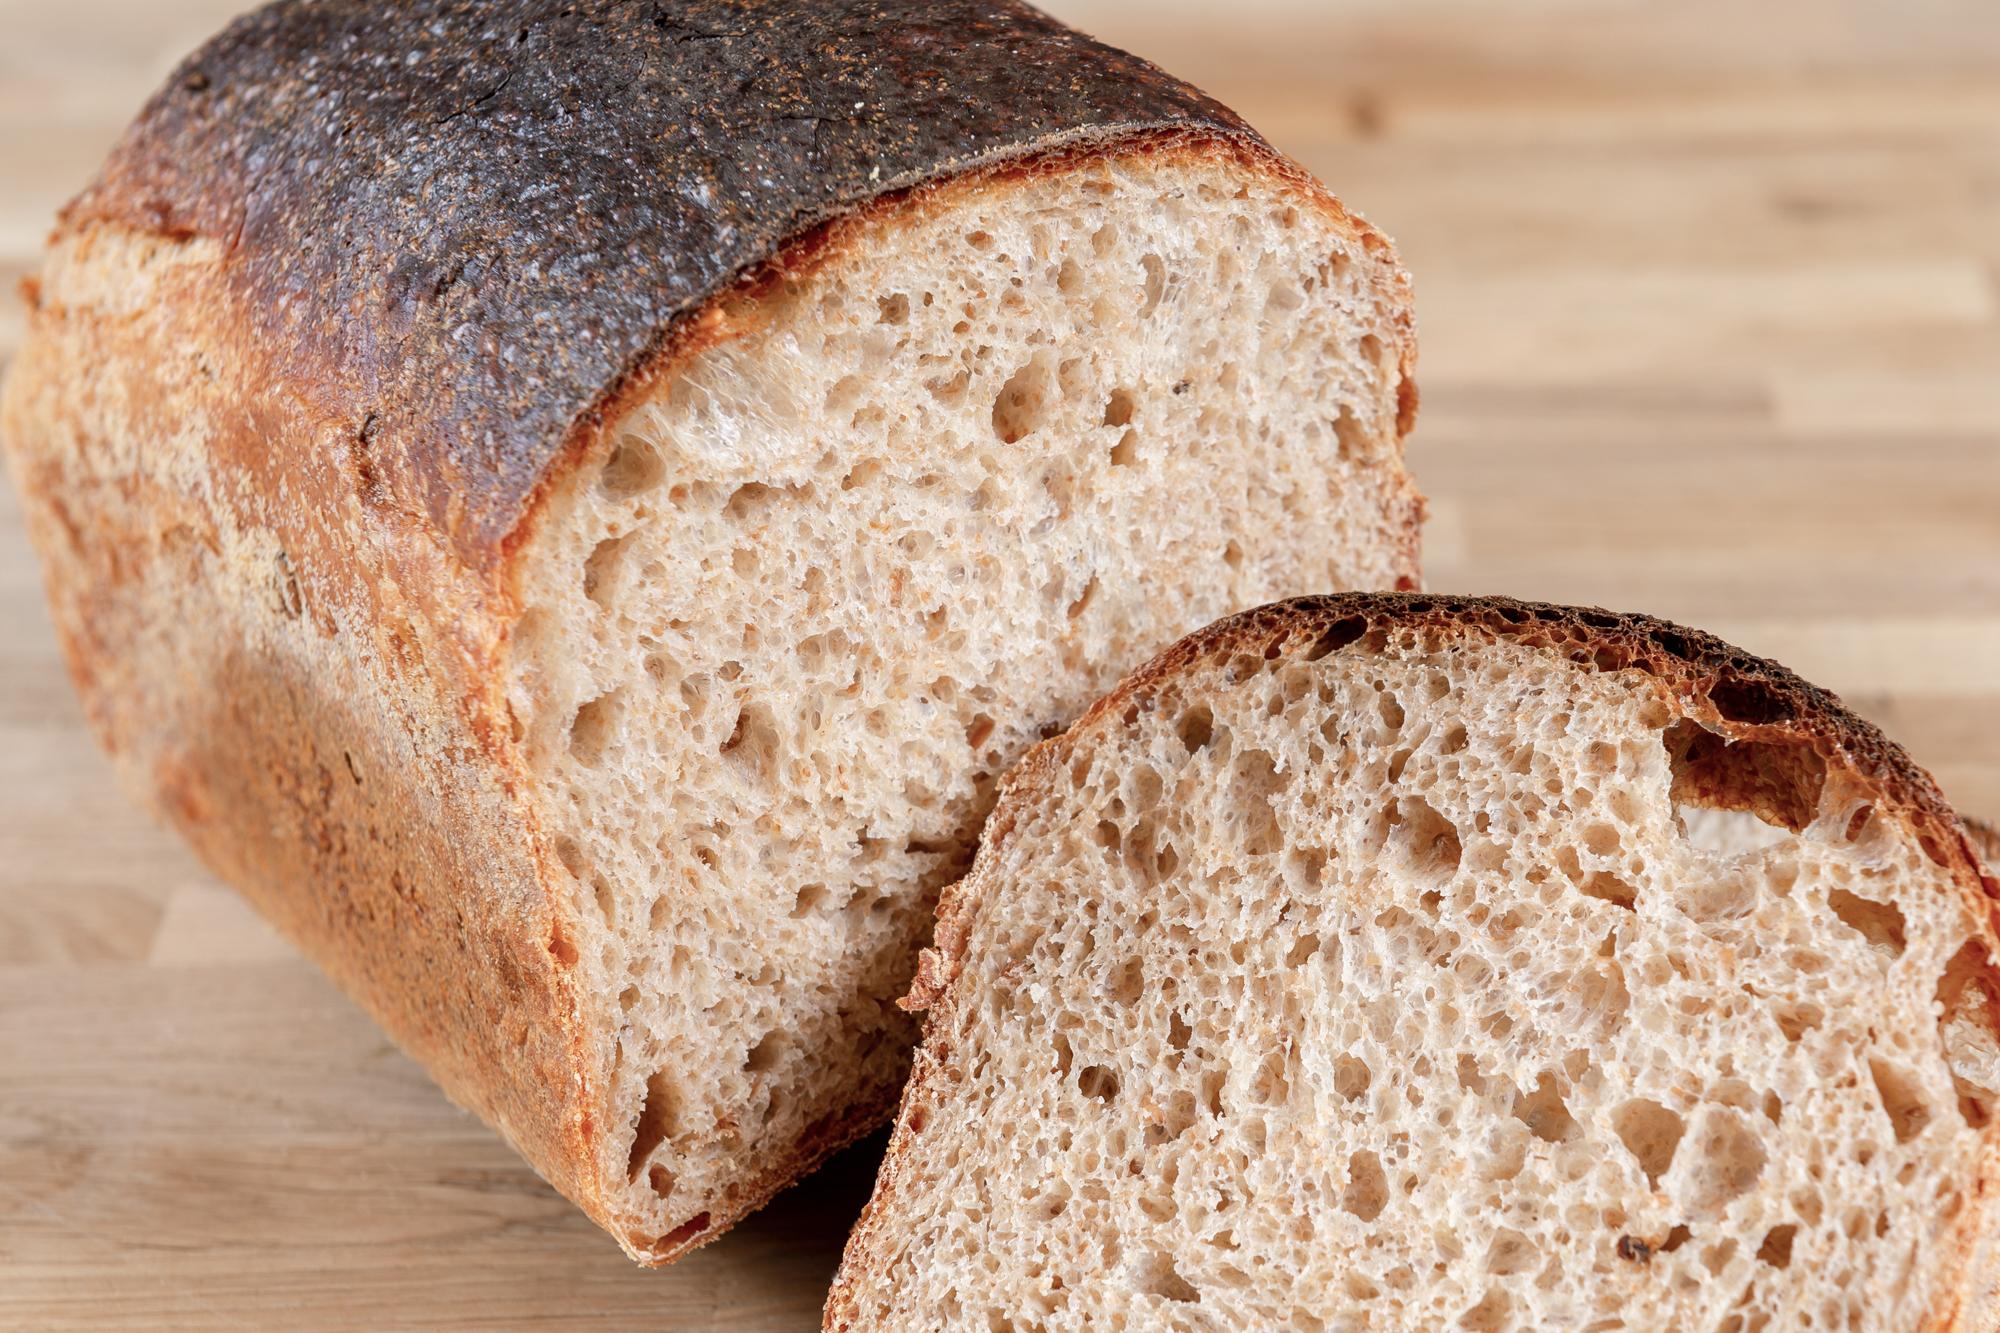 Malthouse loaf